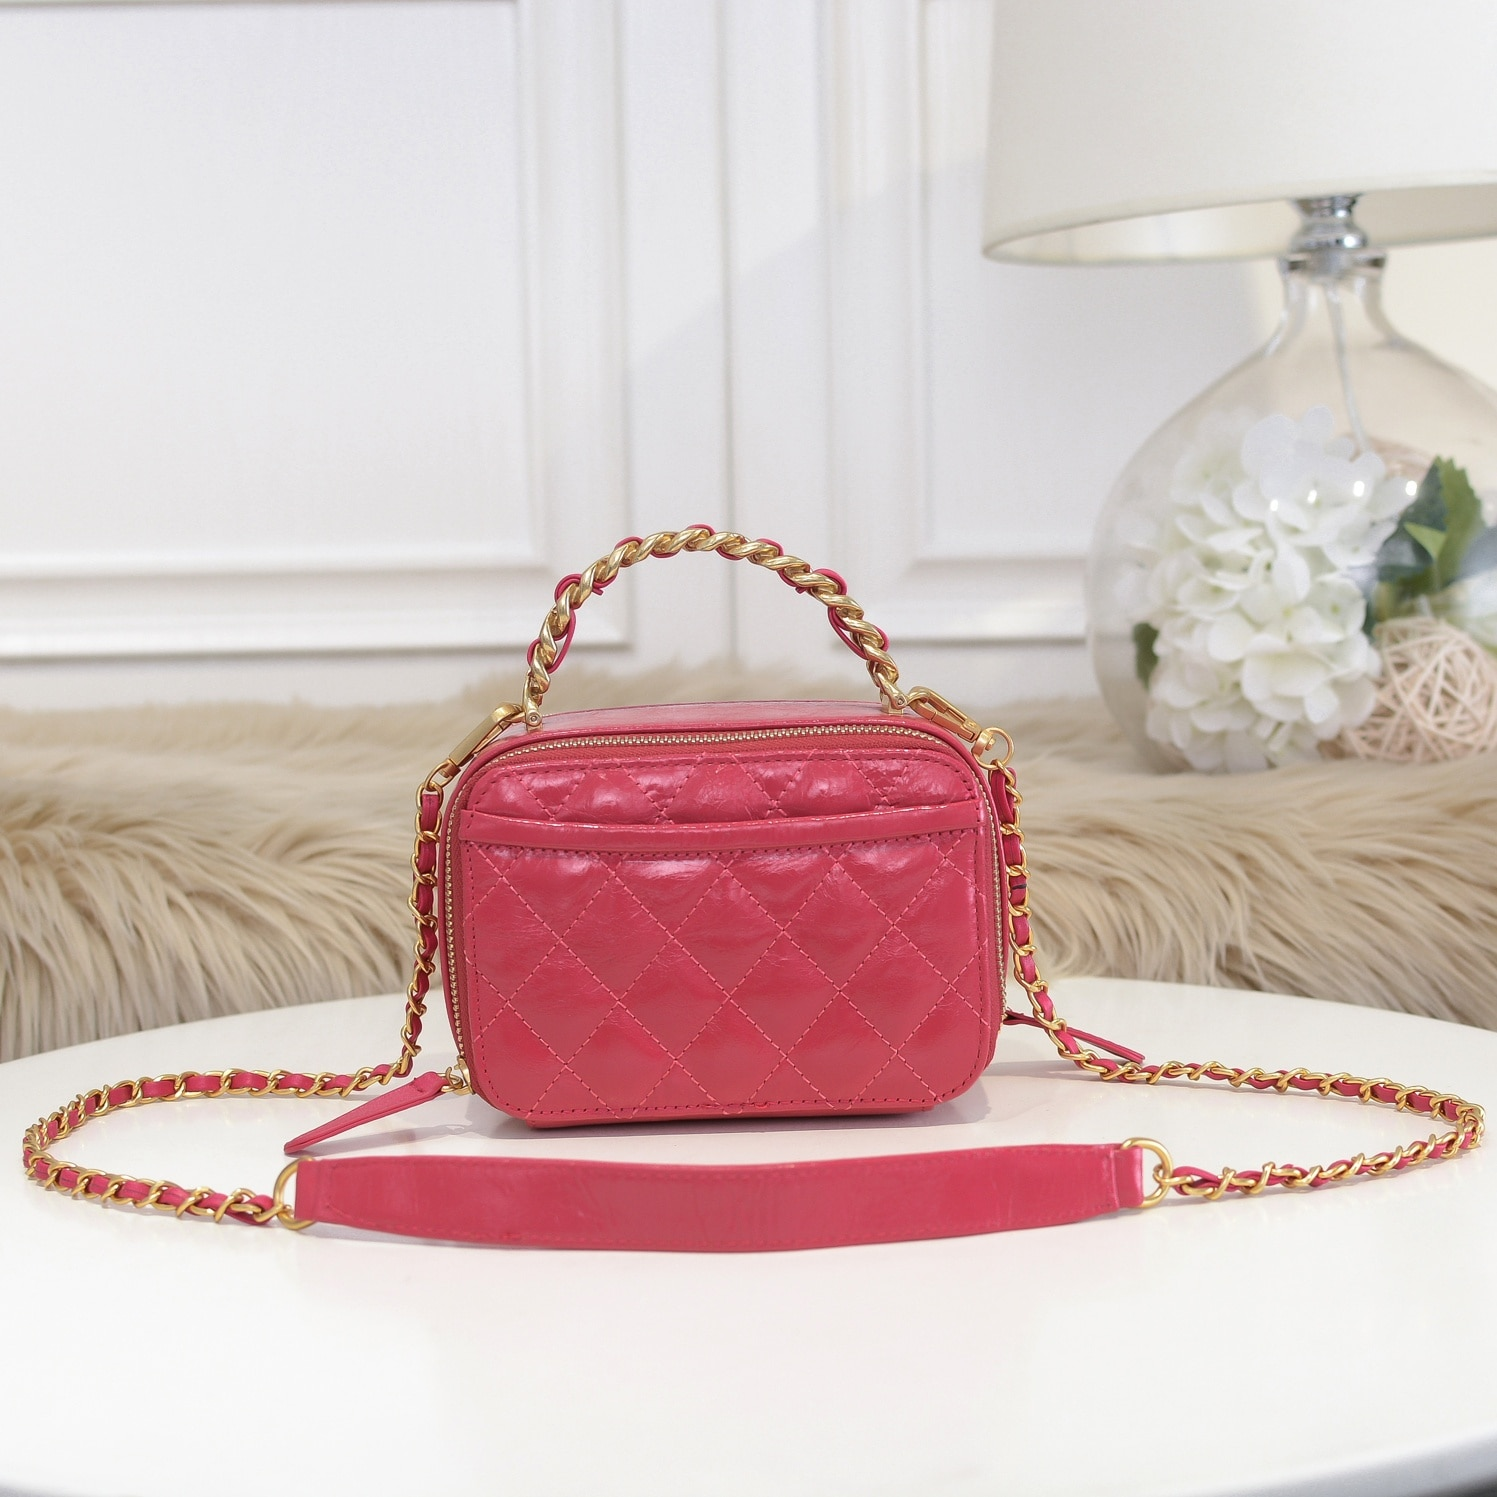 Lingge bag spring and summer handbag 2021 new tide Joker chain bag shoulder messenger bag box square bag